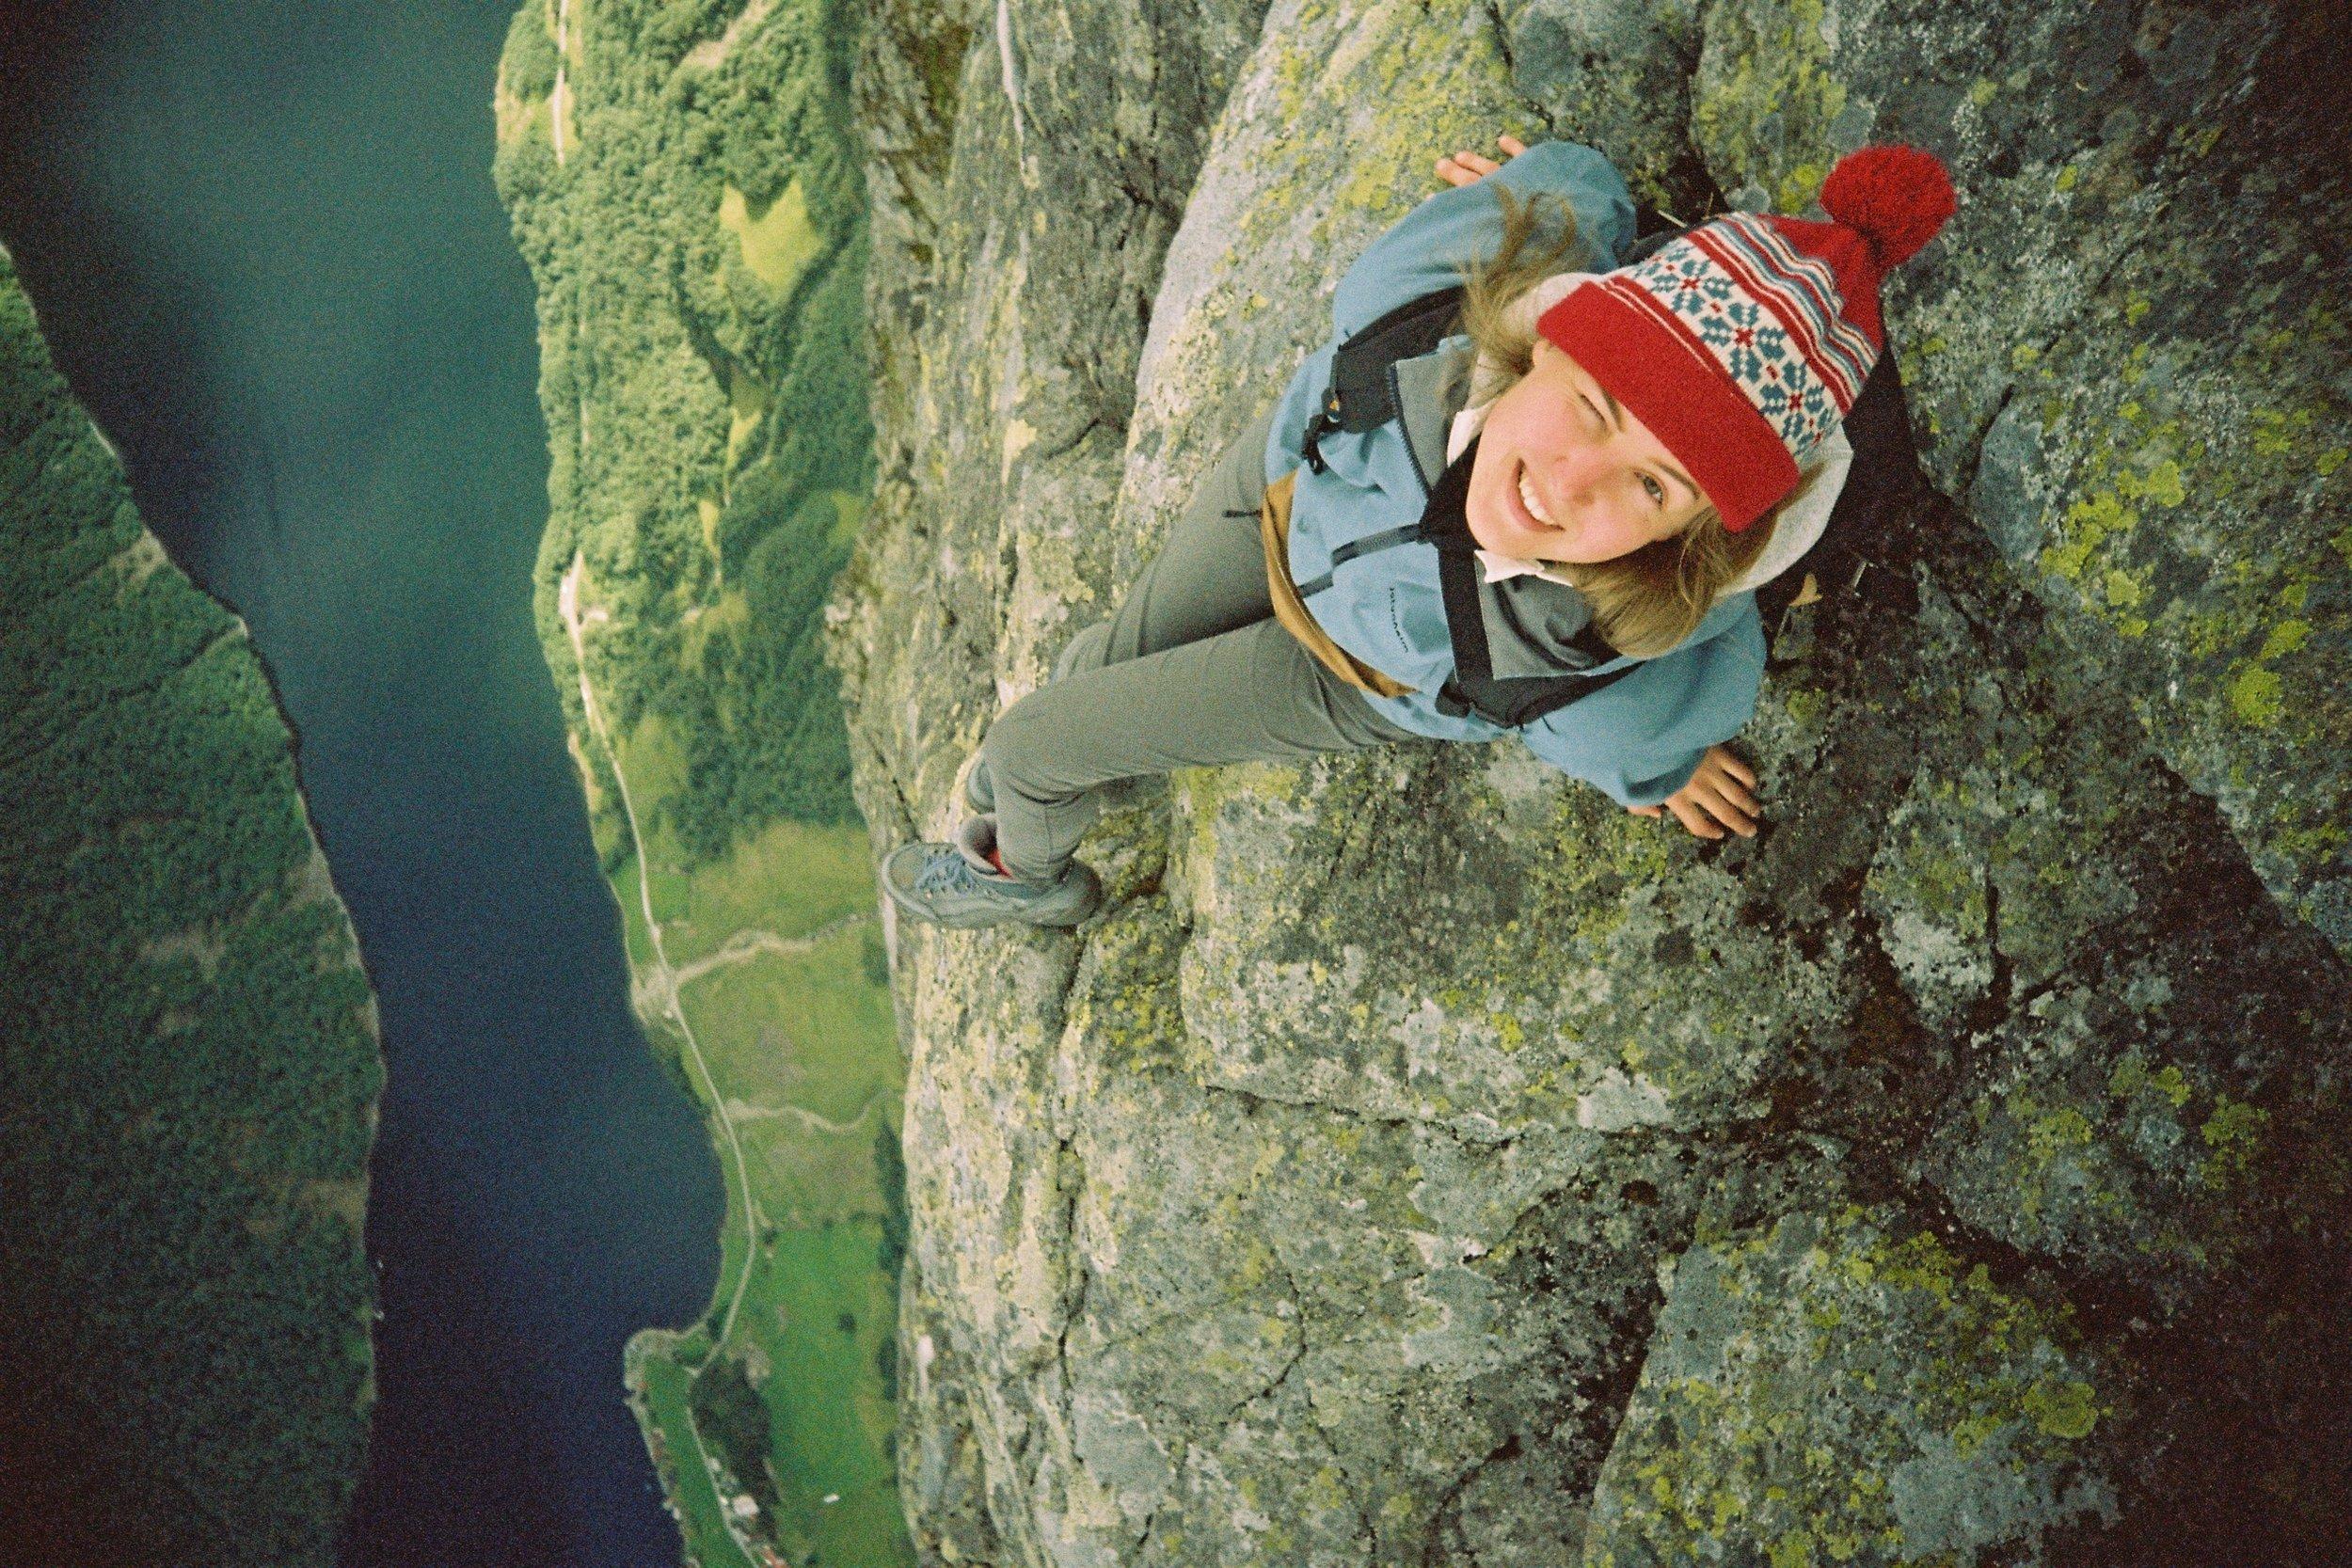 Hanging | Nikon F3 | Nikkor 50mm f/1.4 | Laurinaviciute Austeja